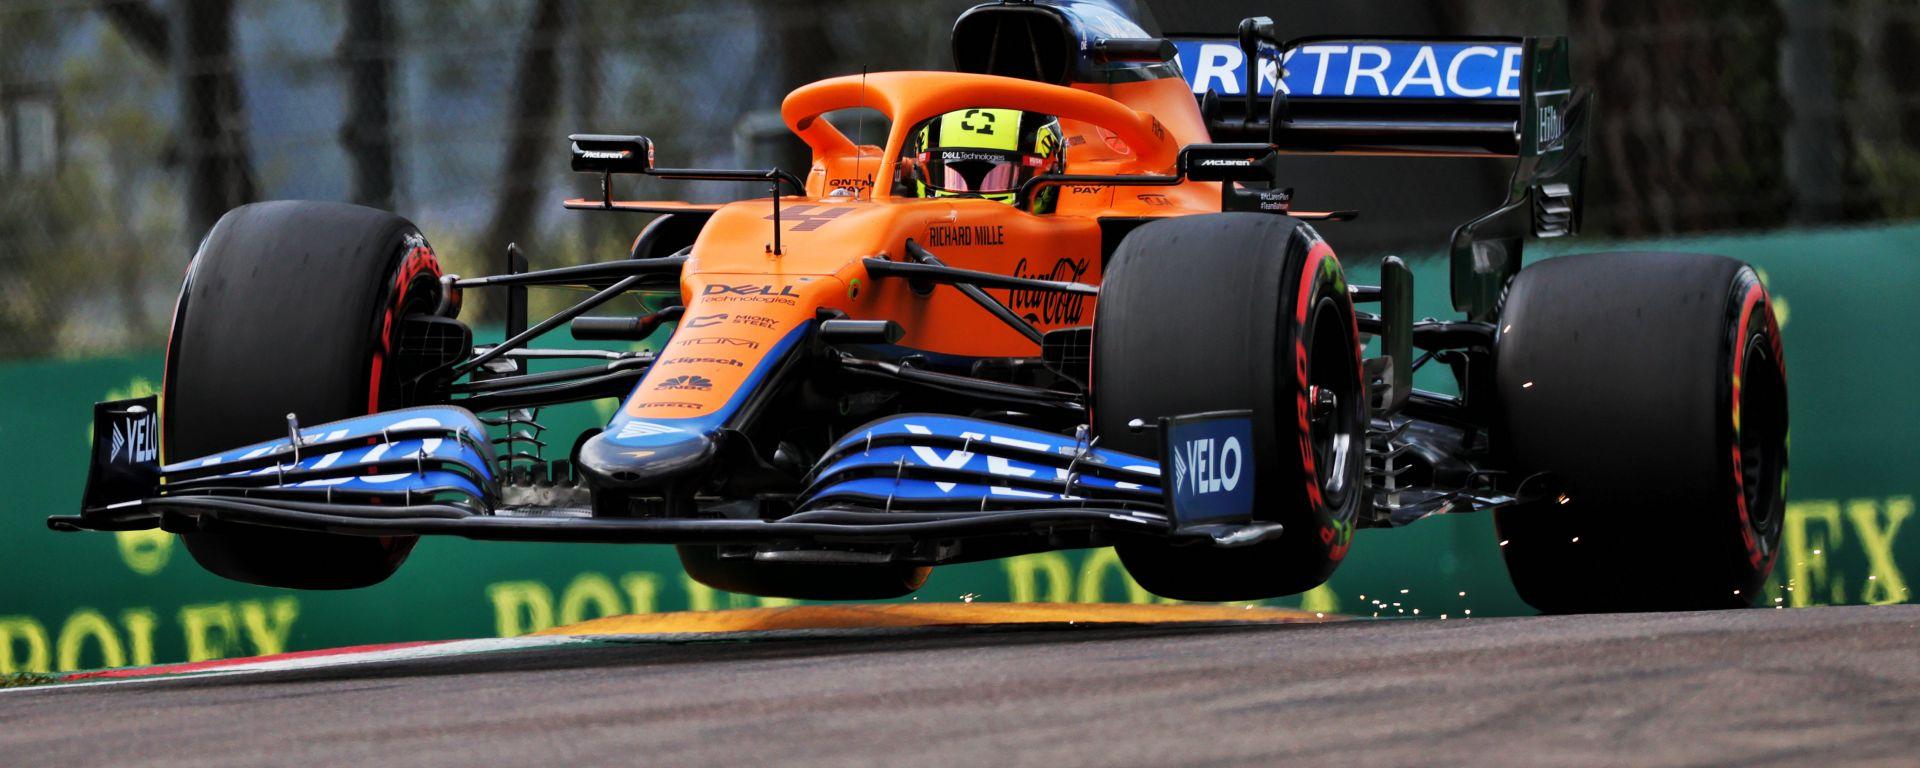 F1 GP Emilia Romagna 2021, Imola: Lando Norris (McLaren)